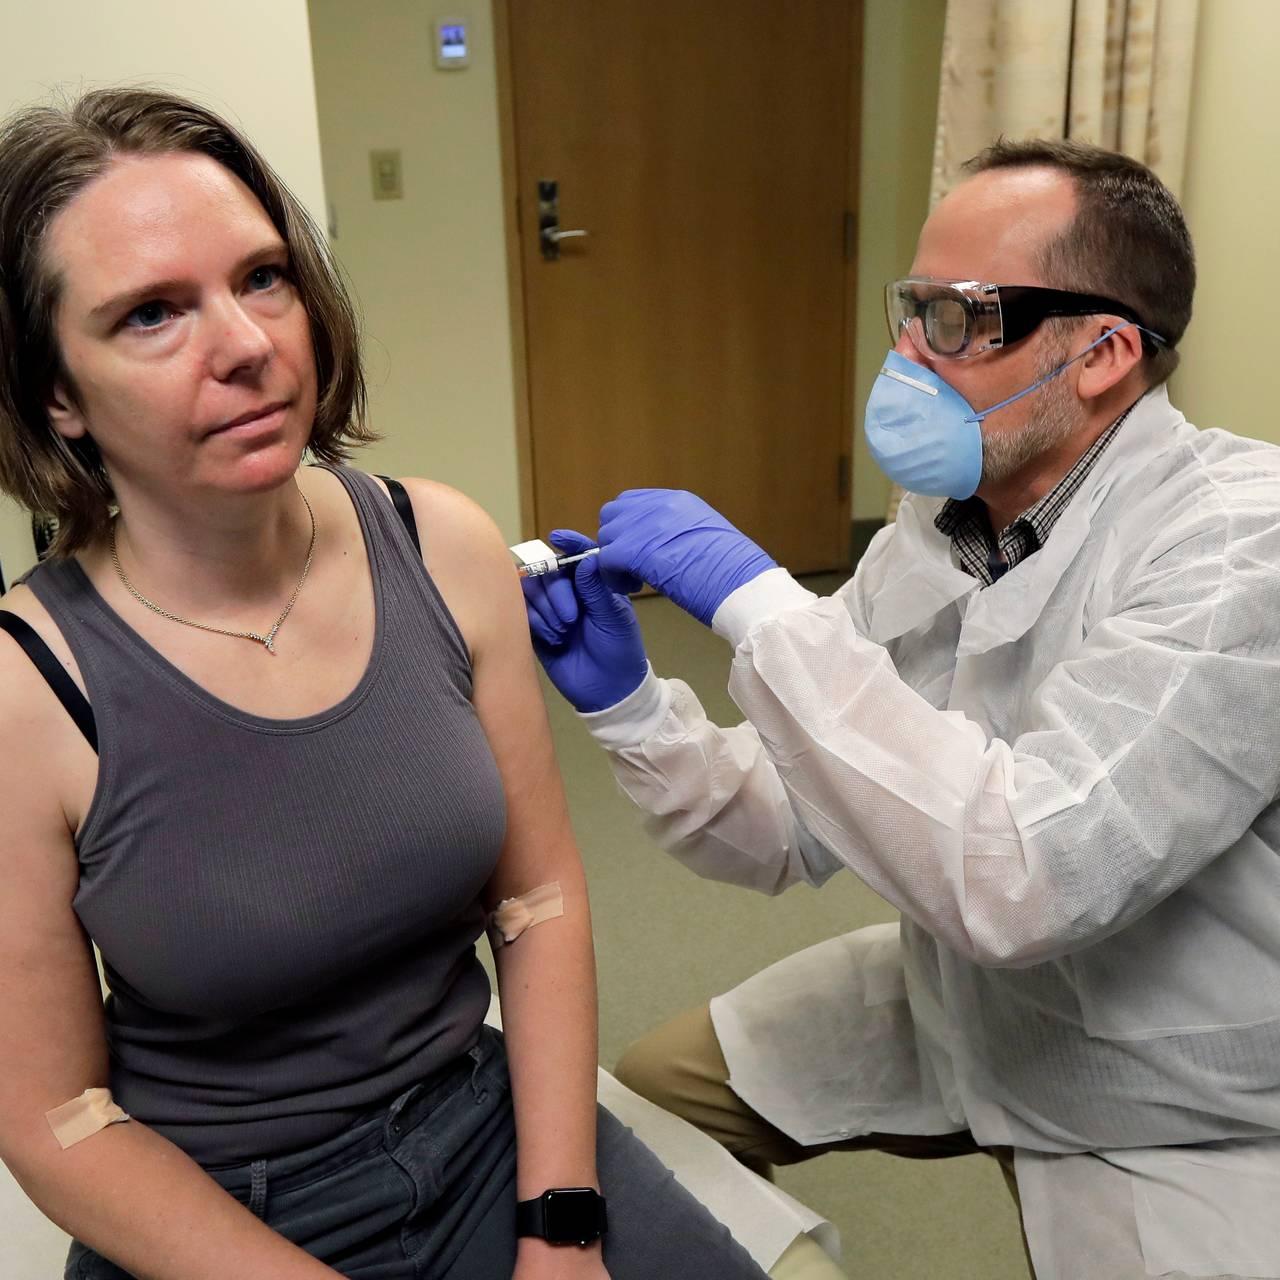 Farmasøyt gir Jennifer Haller den første utprøvingen av en  mulig vaksine mot koronaviruset Covid-19 i Seattle, 16. mars.